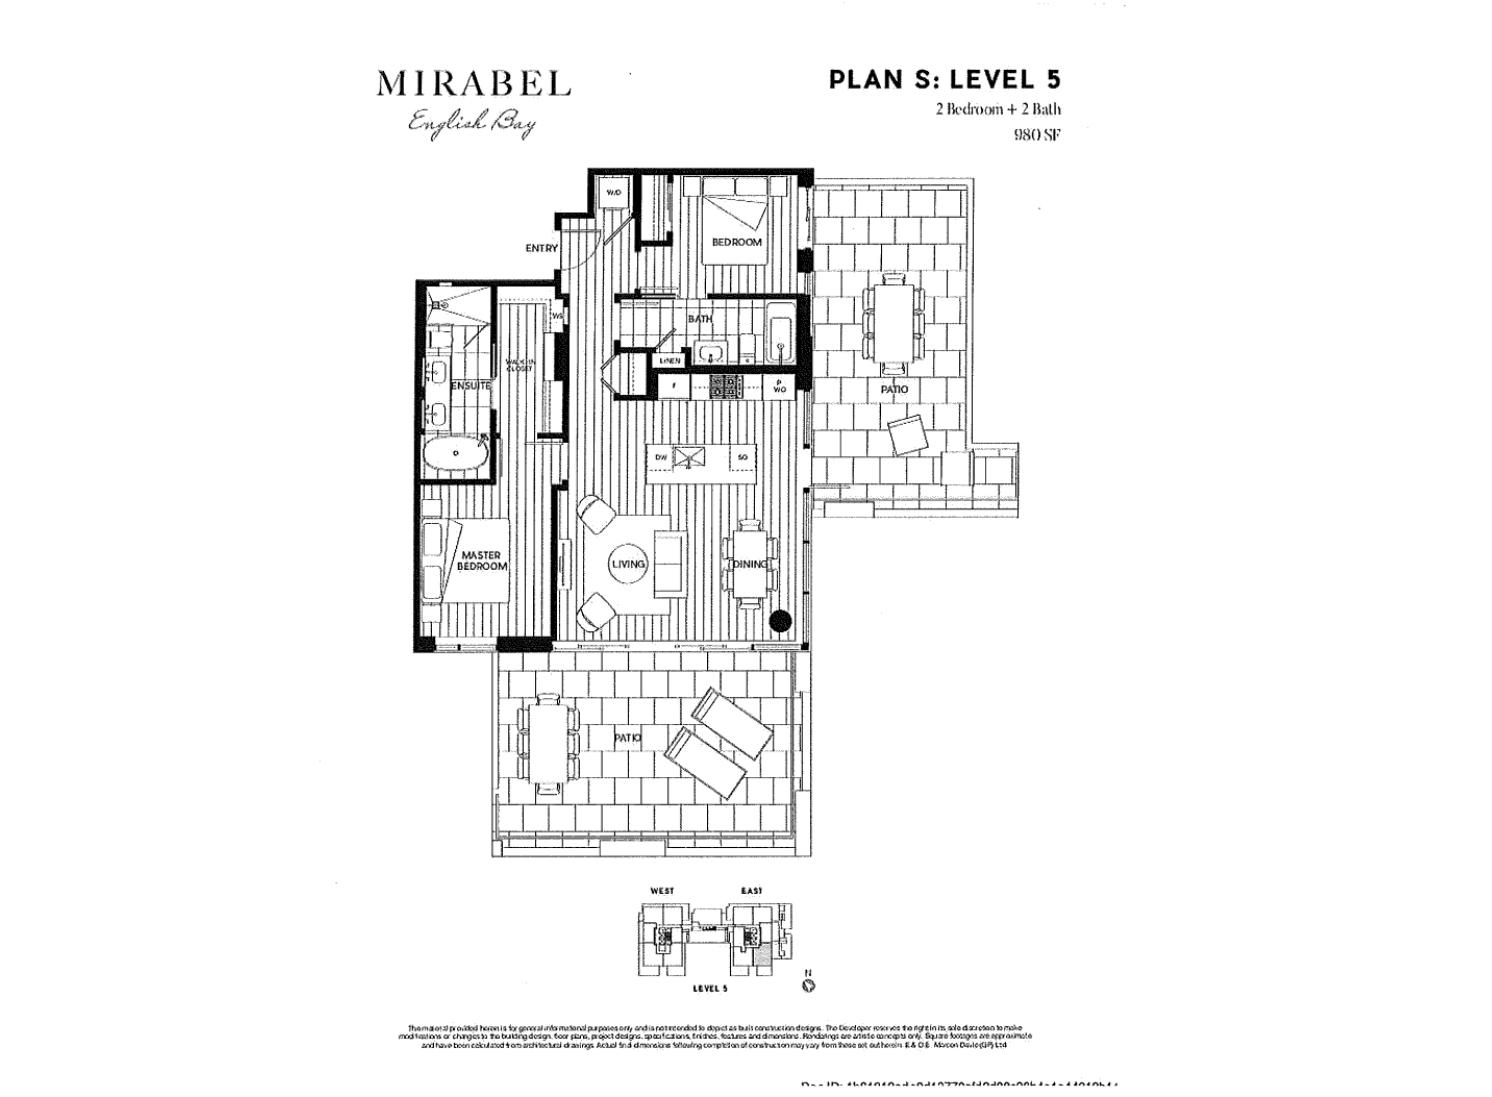 504e plan 2 wide b